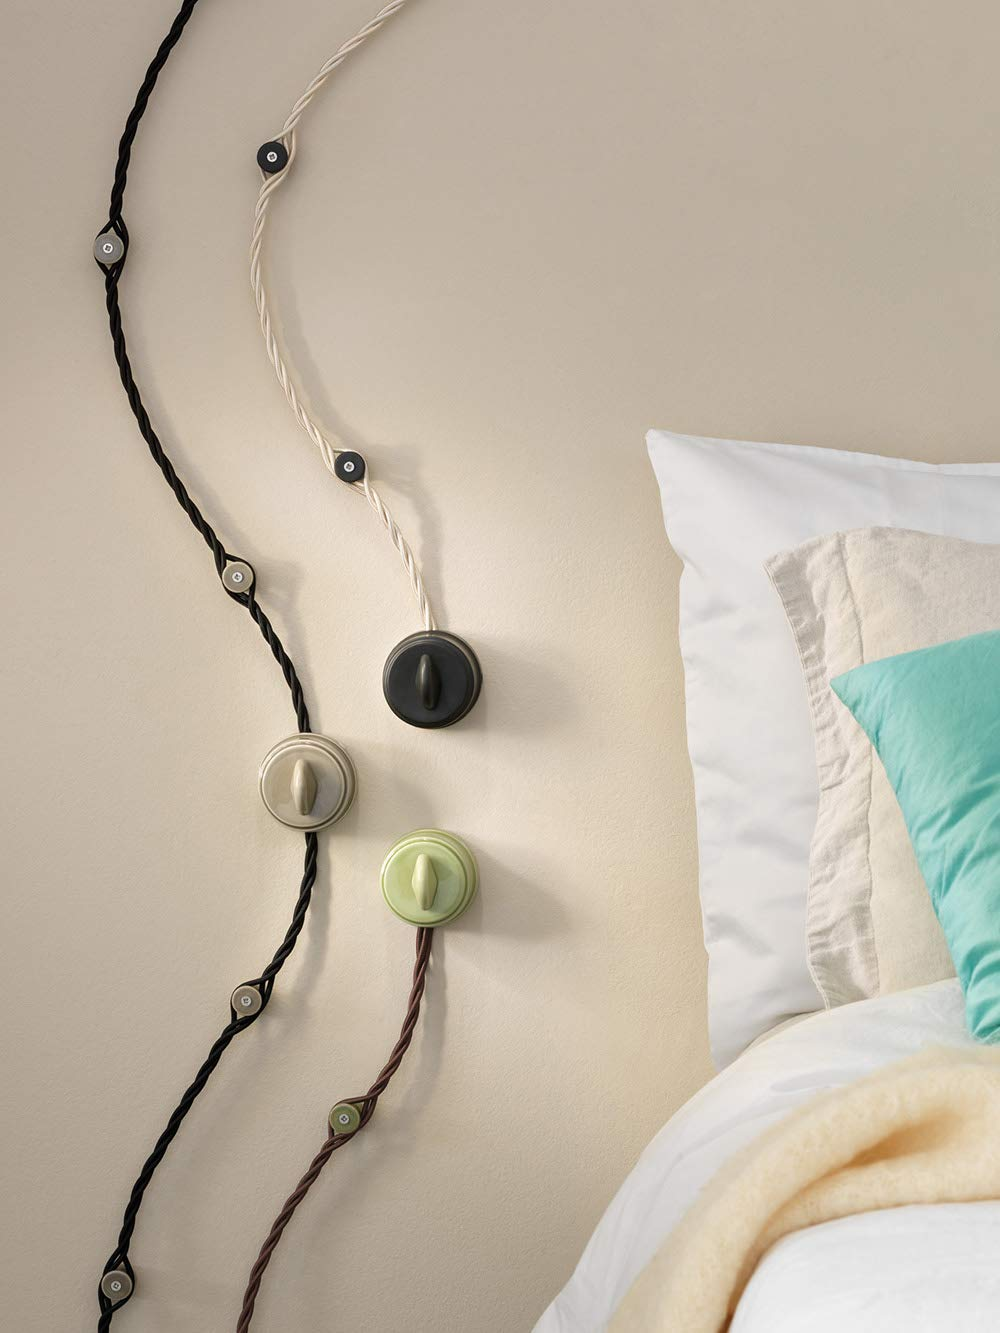 colore nero opaco Presa bipasso BELLE /ÉPOQUE in stile vintage per installazione con cavo tessile Klartext in pregiata porcellana artigianale